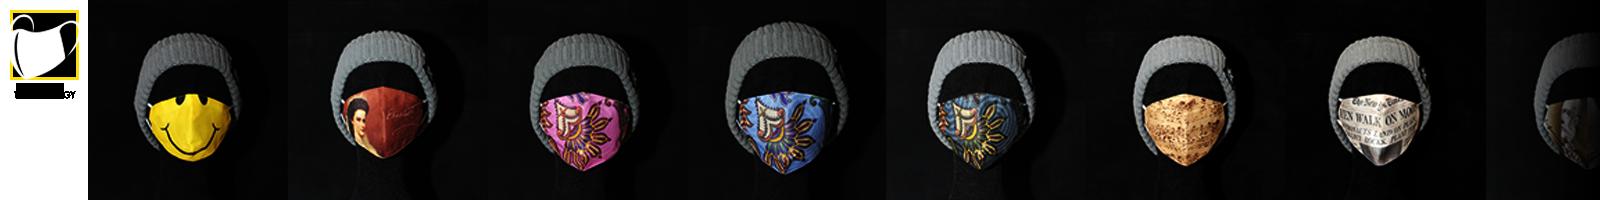 Superpano_Corona_Covid_Schutzmaske